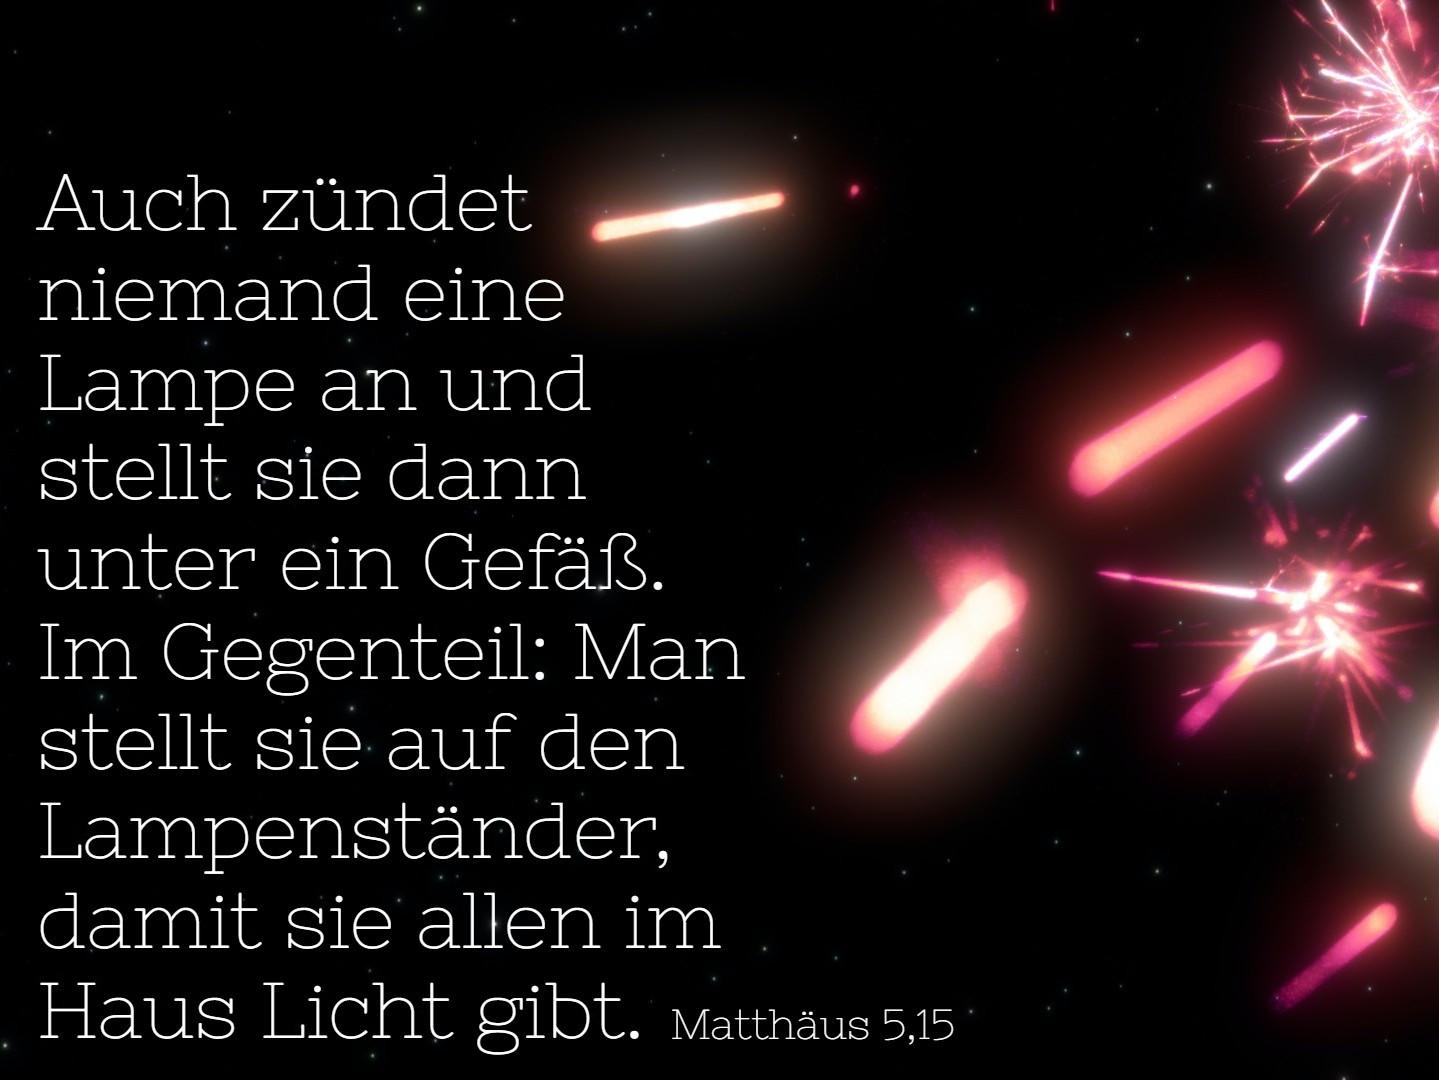 Matthäus 5,15.jpeg